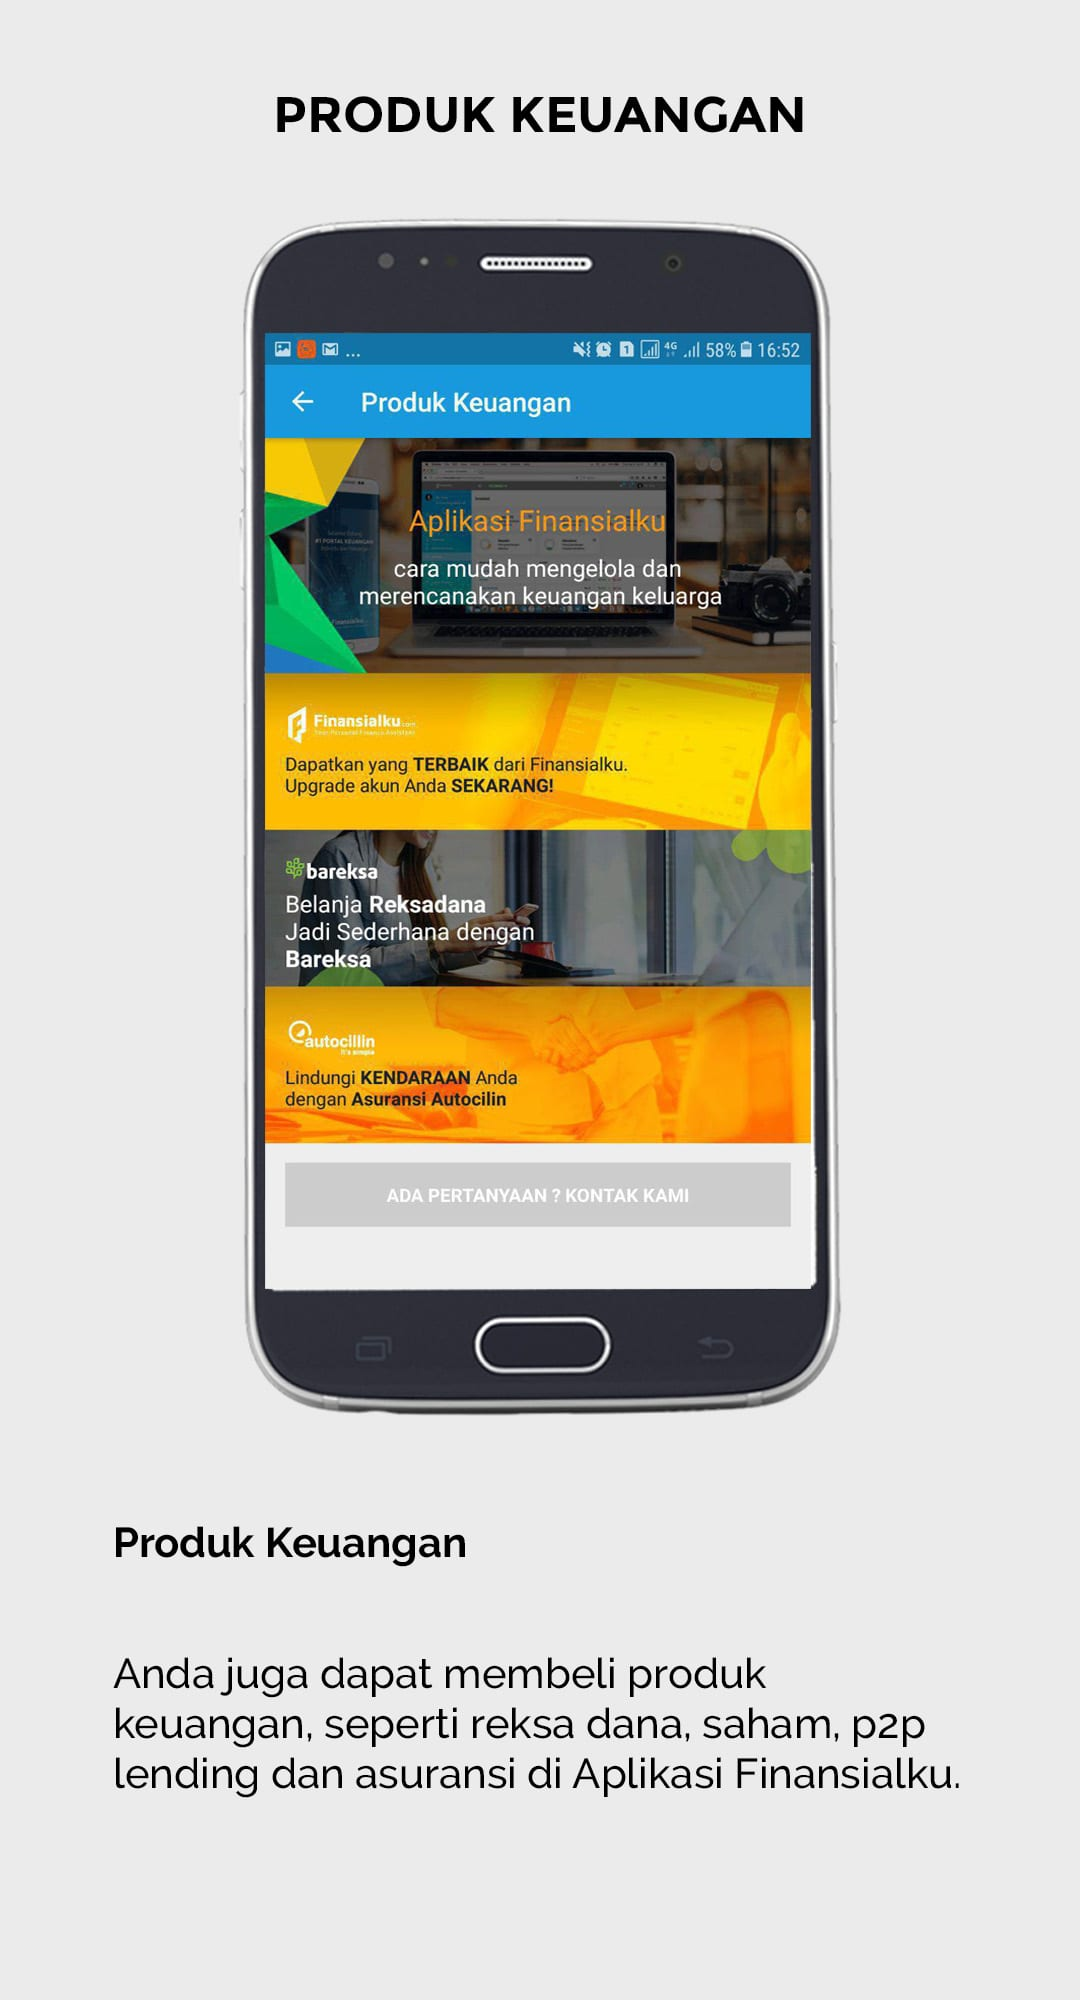 Aplikasi Finansialku - Laporan Keuangan - Catatan Keuangan Harian